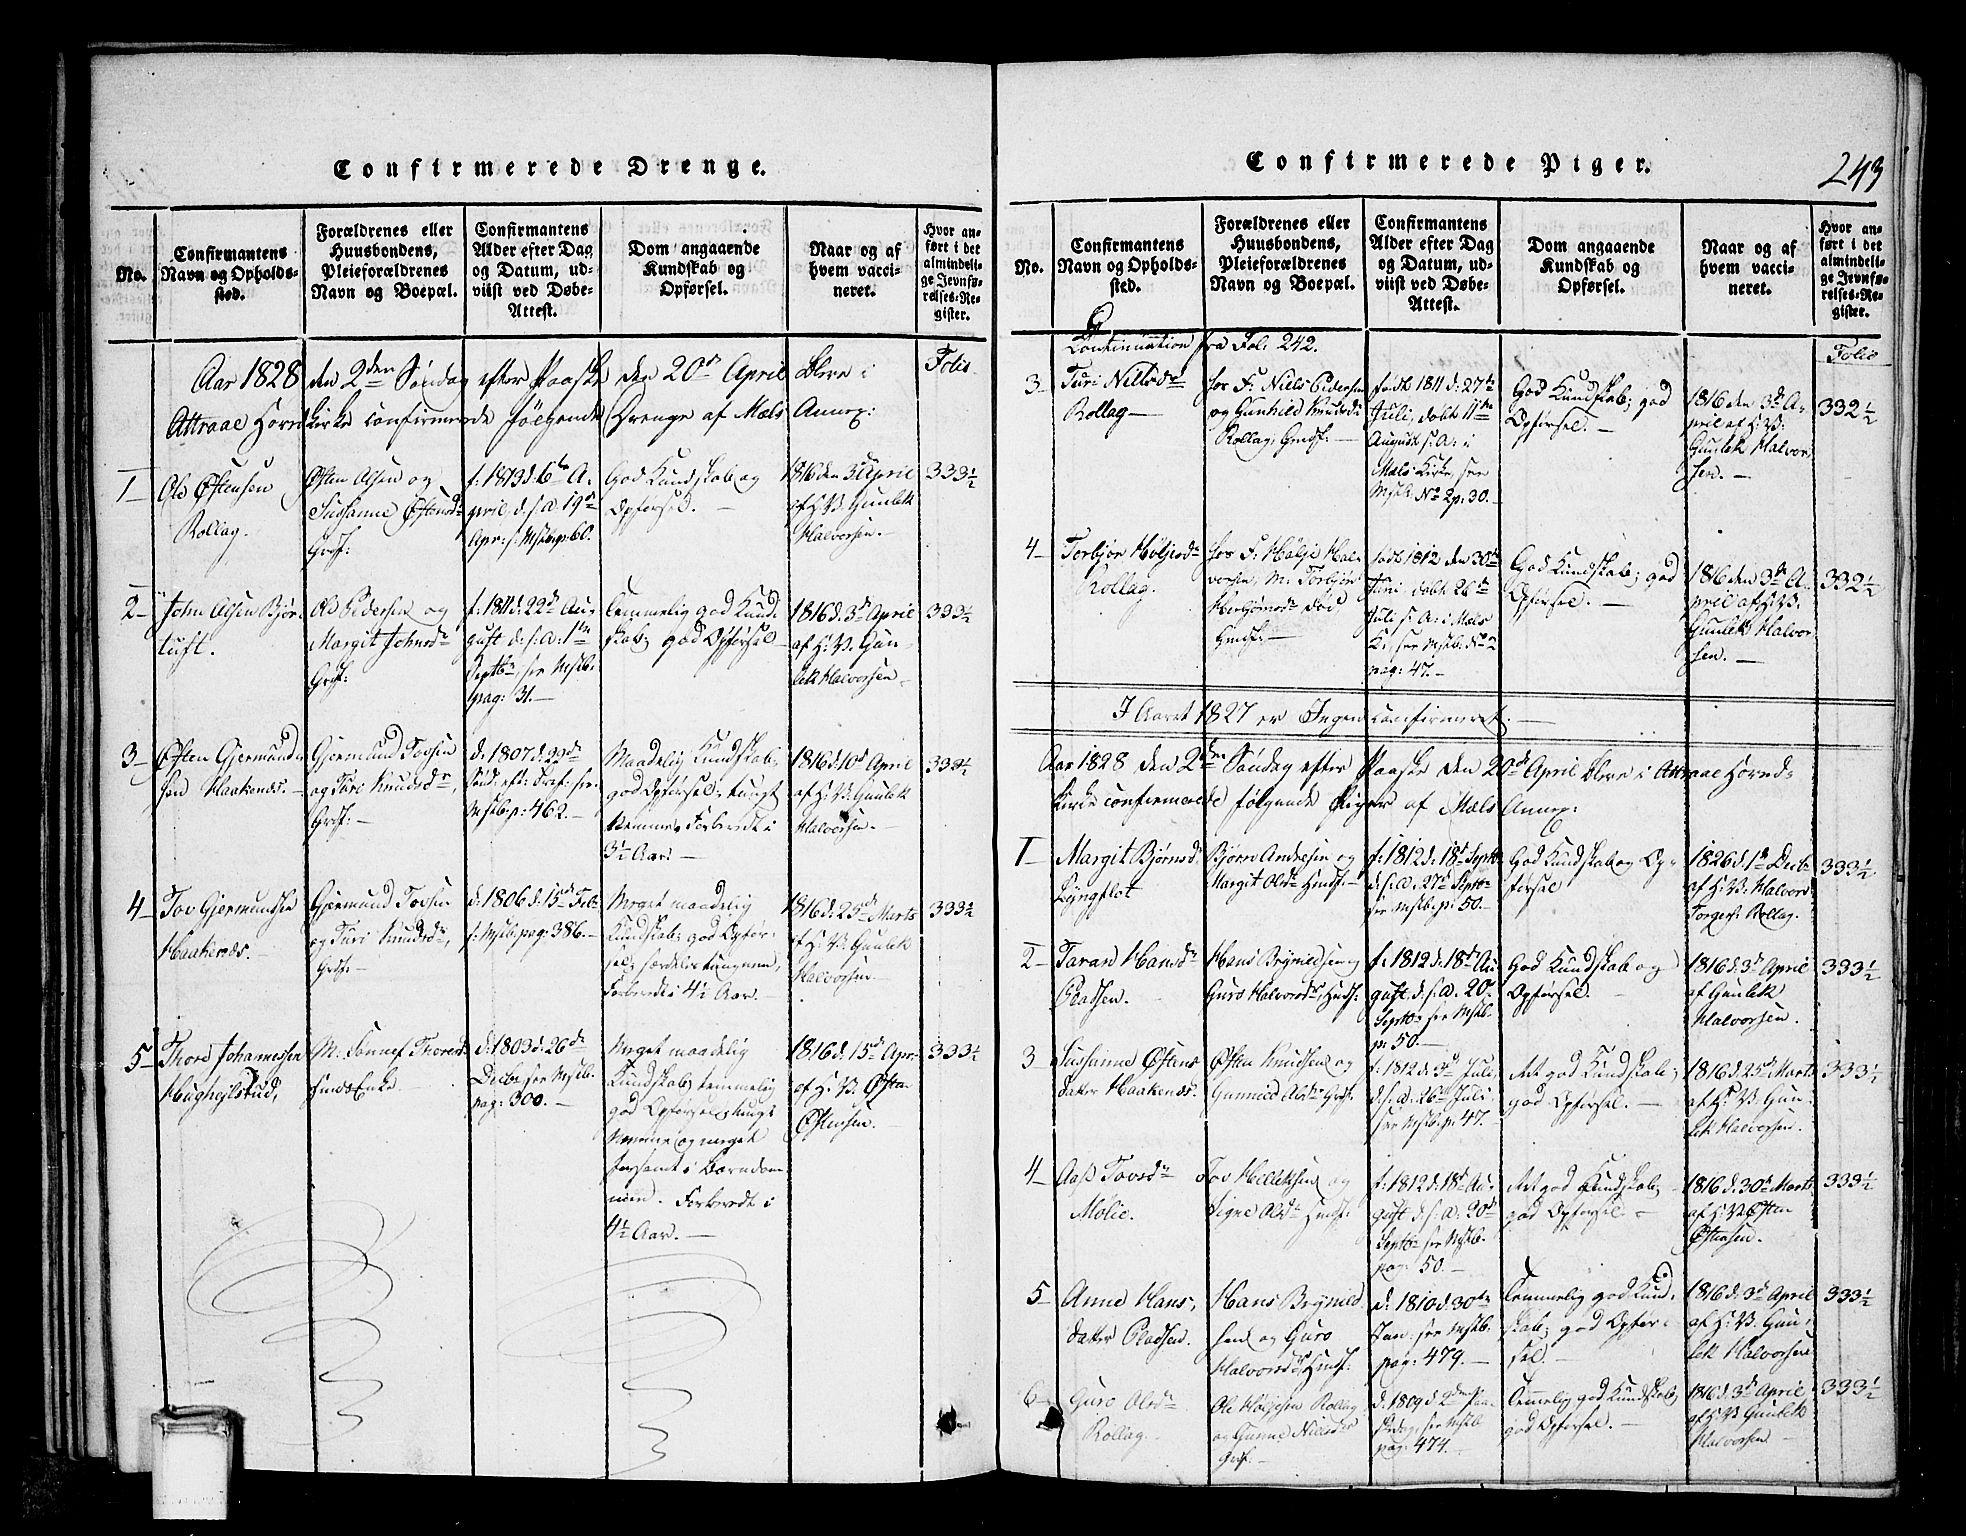 SAKO, Tinn kirkebøker, G/Gb/L0001: Klokkerbok nr. II 1 /1, 1815-1850, s. 243